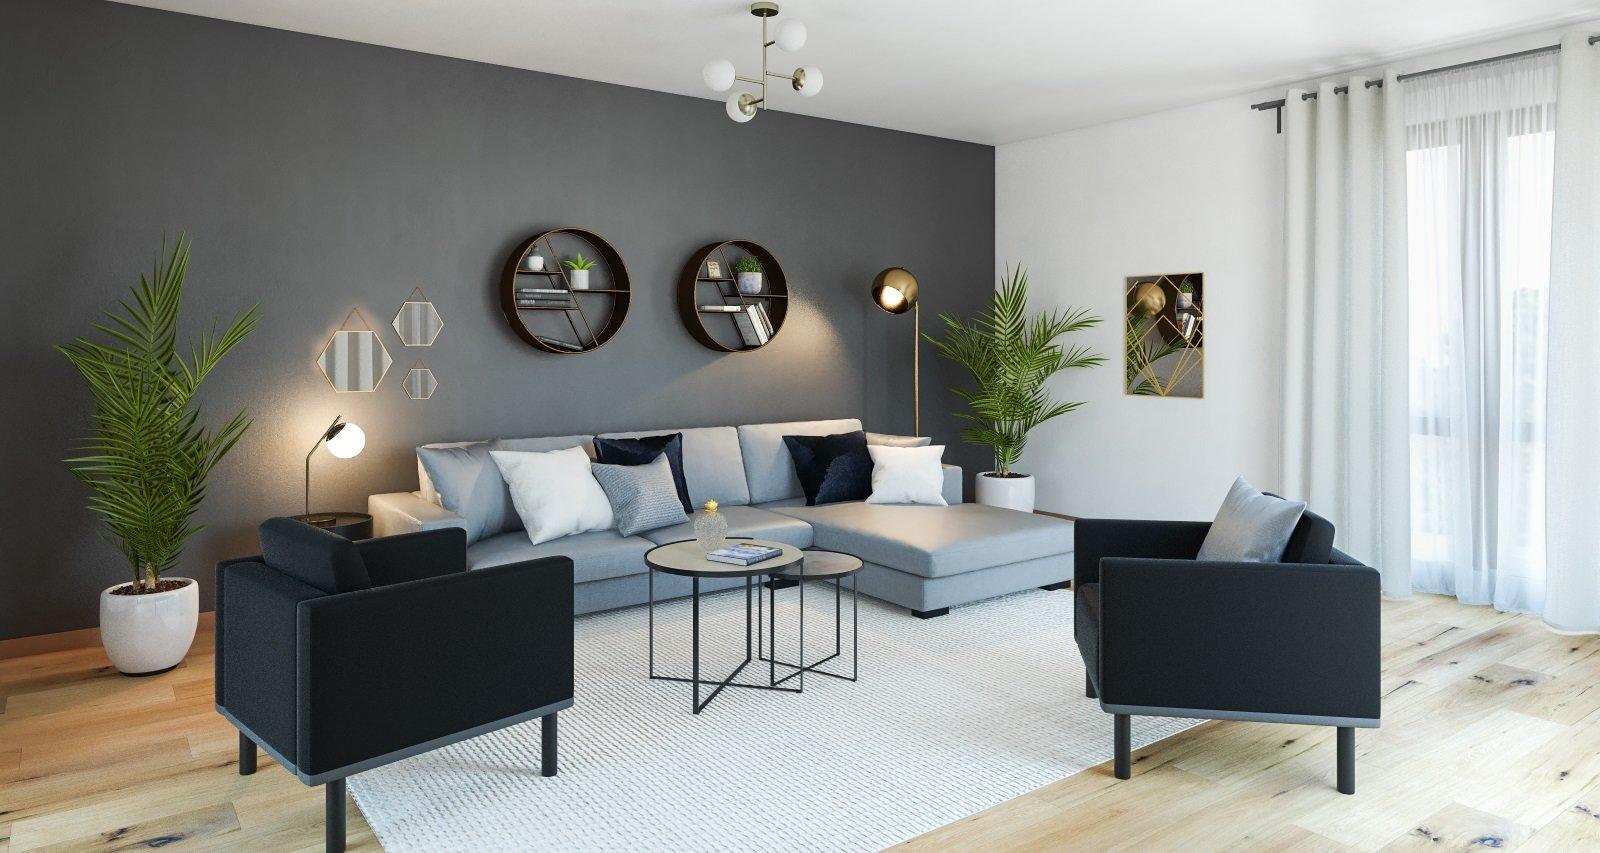 Idee Deco Sejour Scandinave salon gris et blanc salon scandinave gris blanc bois